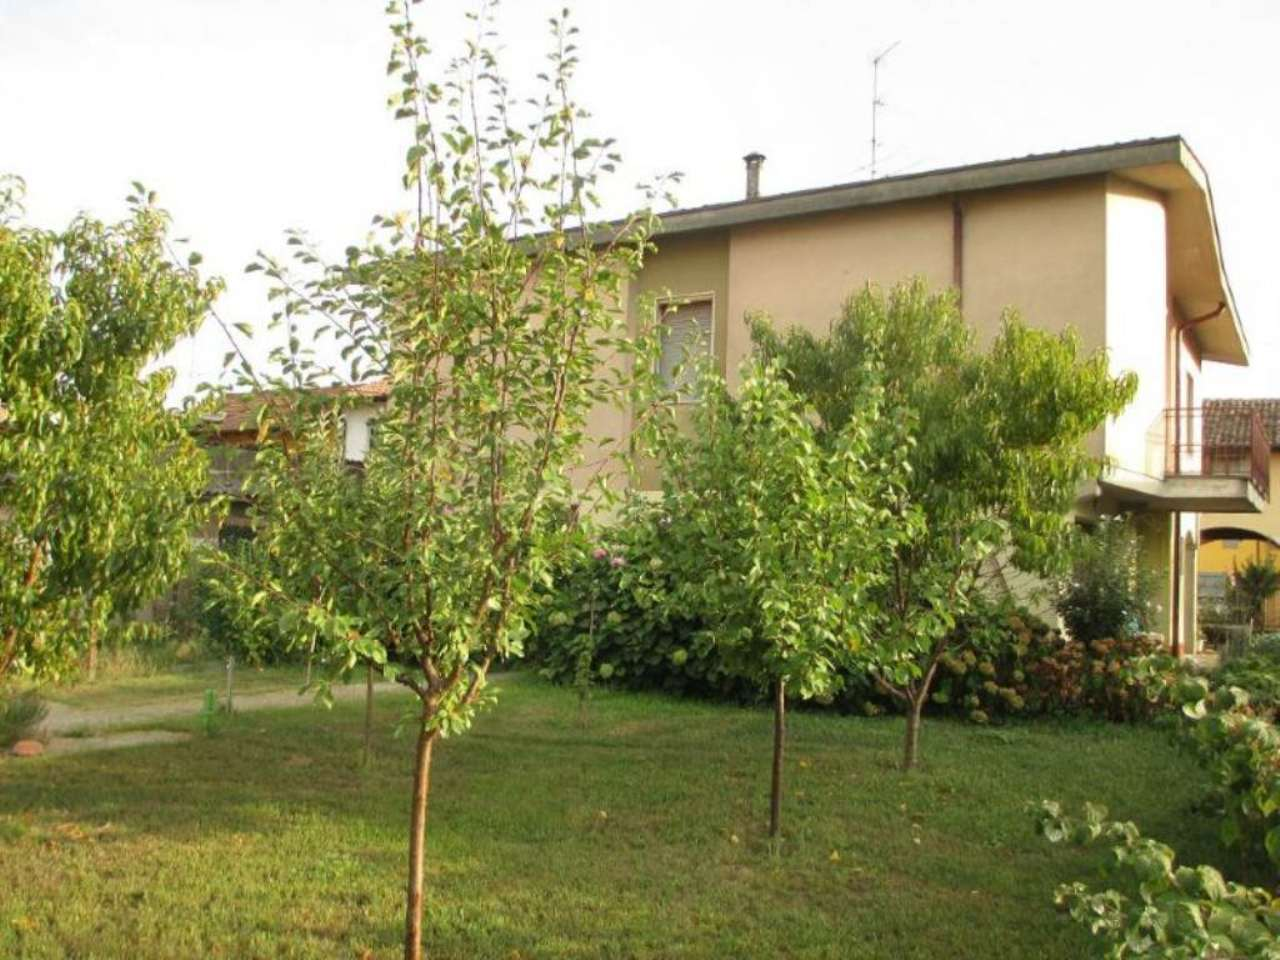 Villa in vendita a Soresina, 6 locali, prezzo € 175.000 | Cambio Casa.it